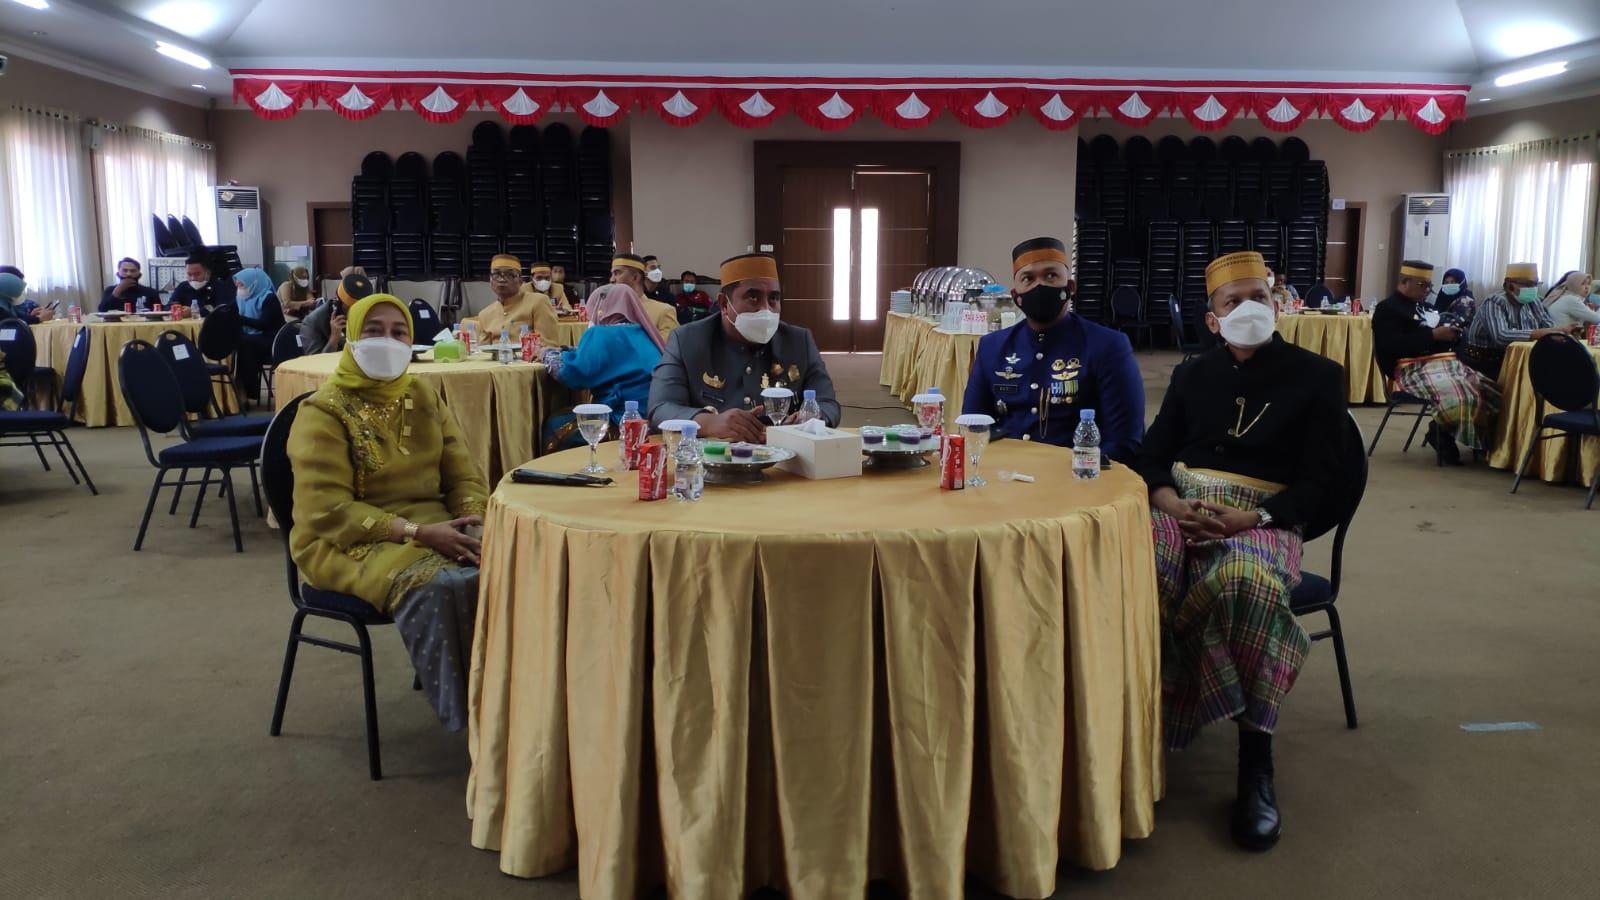 Ketua Pengadilan Negeri Maros Ibu Andi Nurmawati, S.H.,M.H menghadiri acara Peringatan Hari Jadi Provinsi Sulawesi Selatan Ke-352 secara virtual